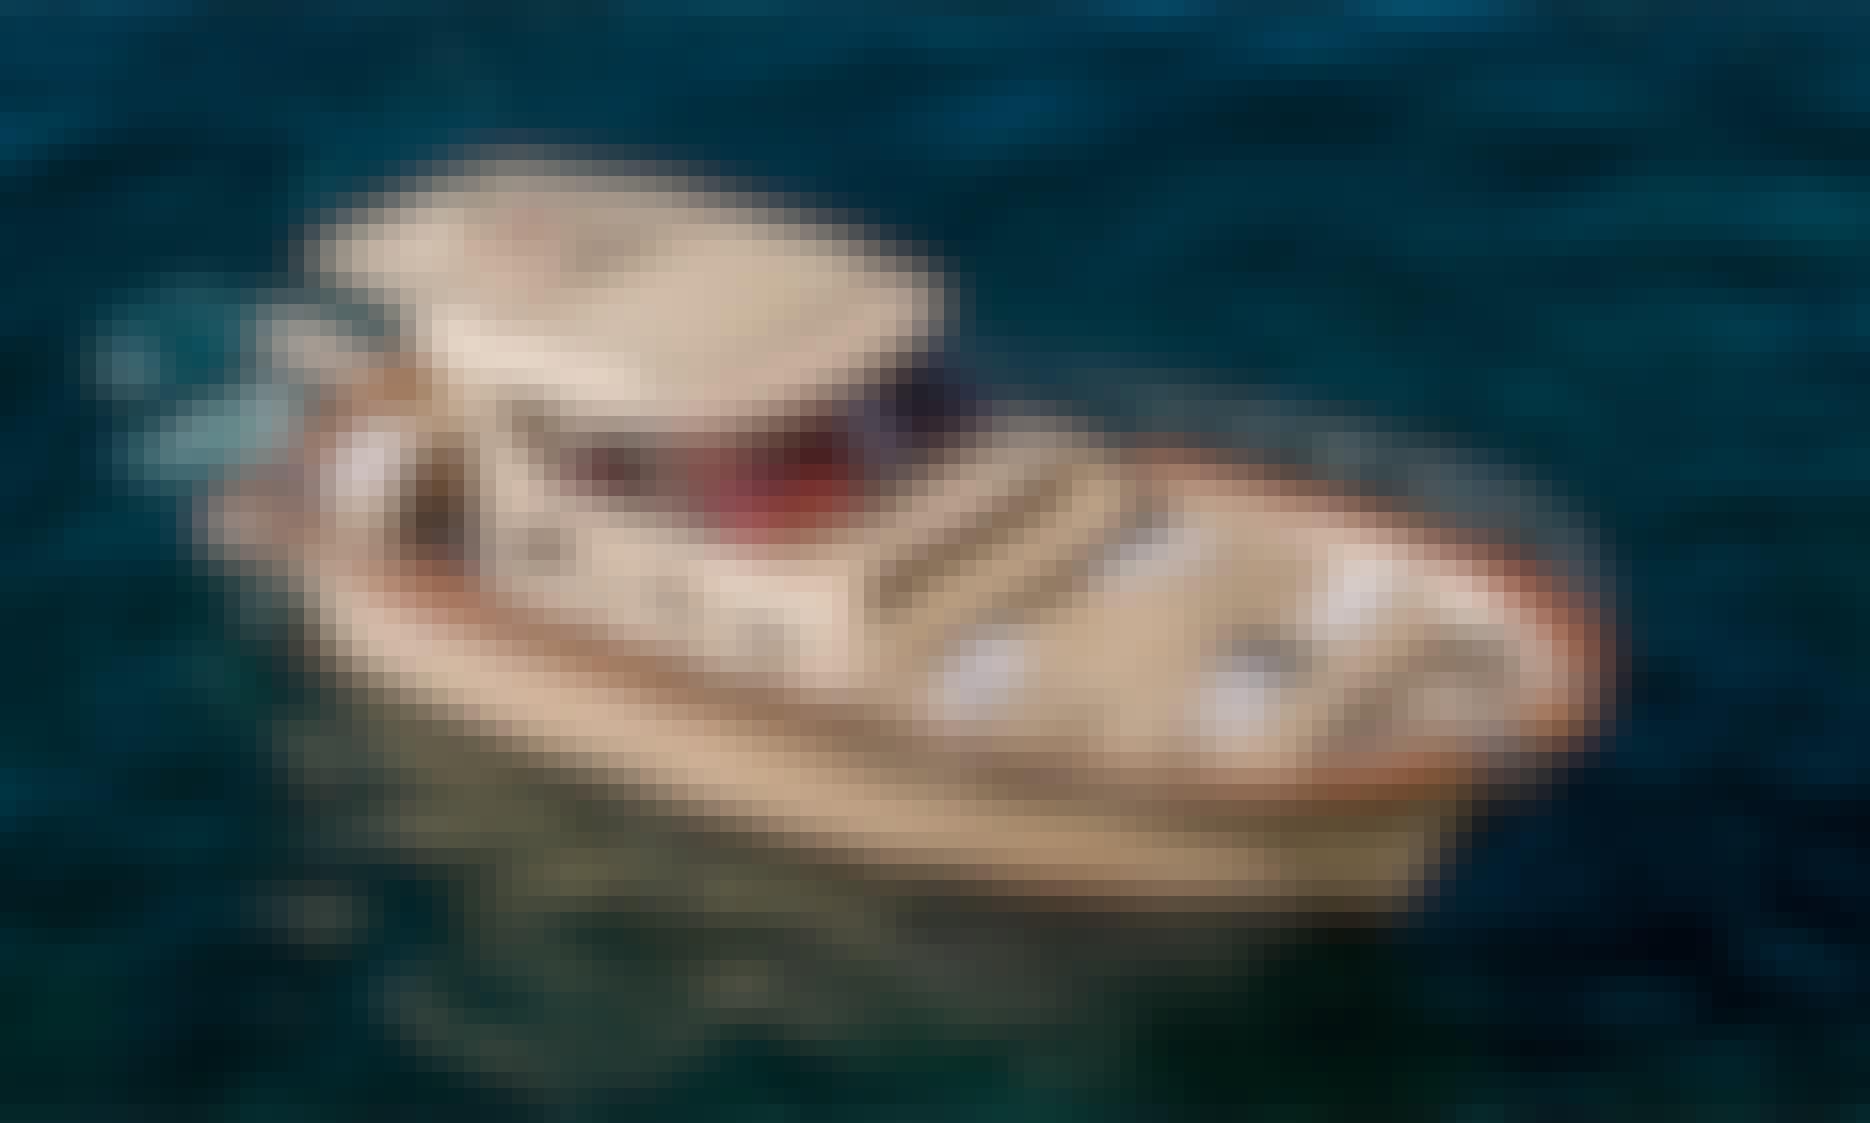 32' Hard Top Gozzo Boat for Rent in Piano di Sorrento, Campania